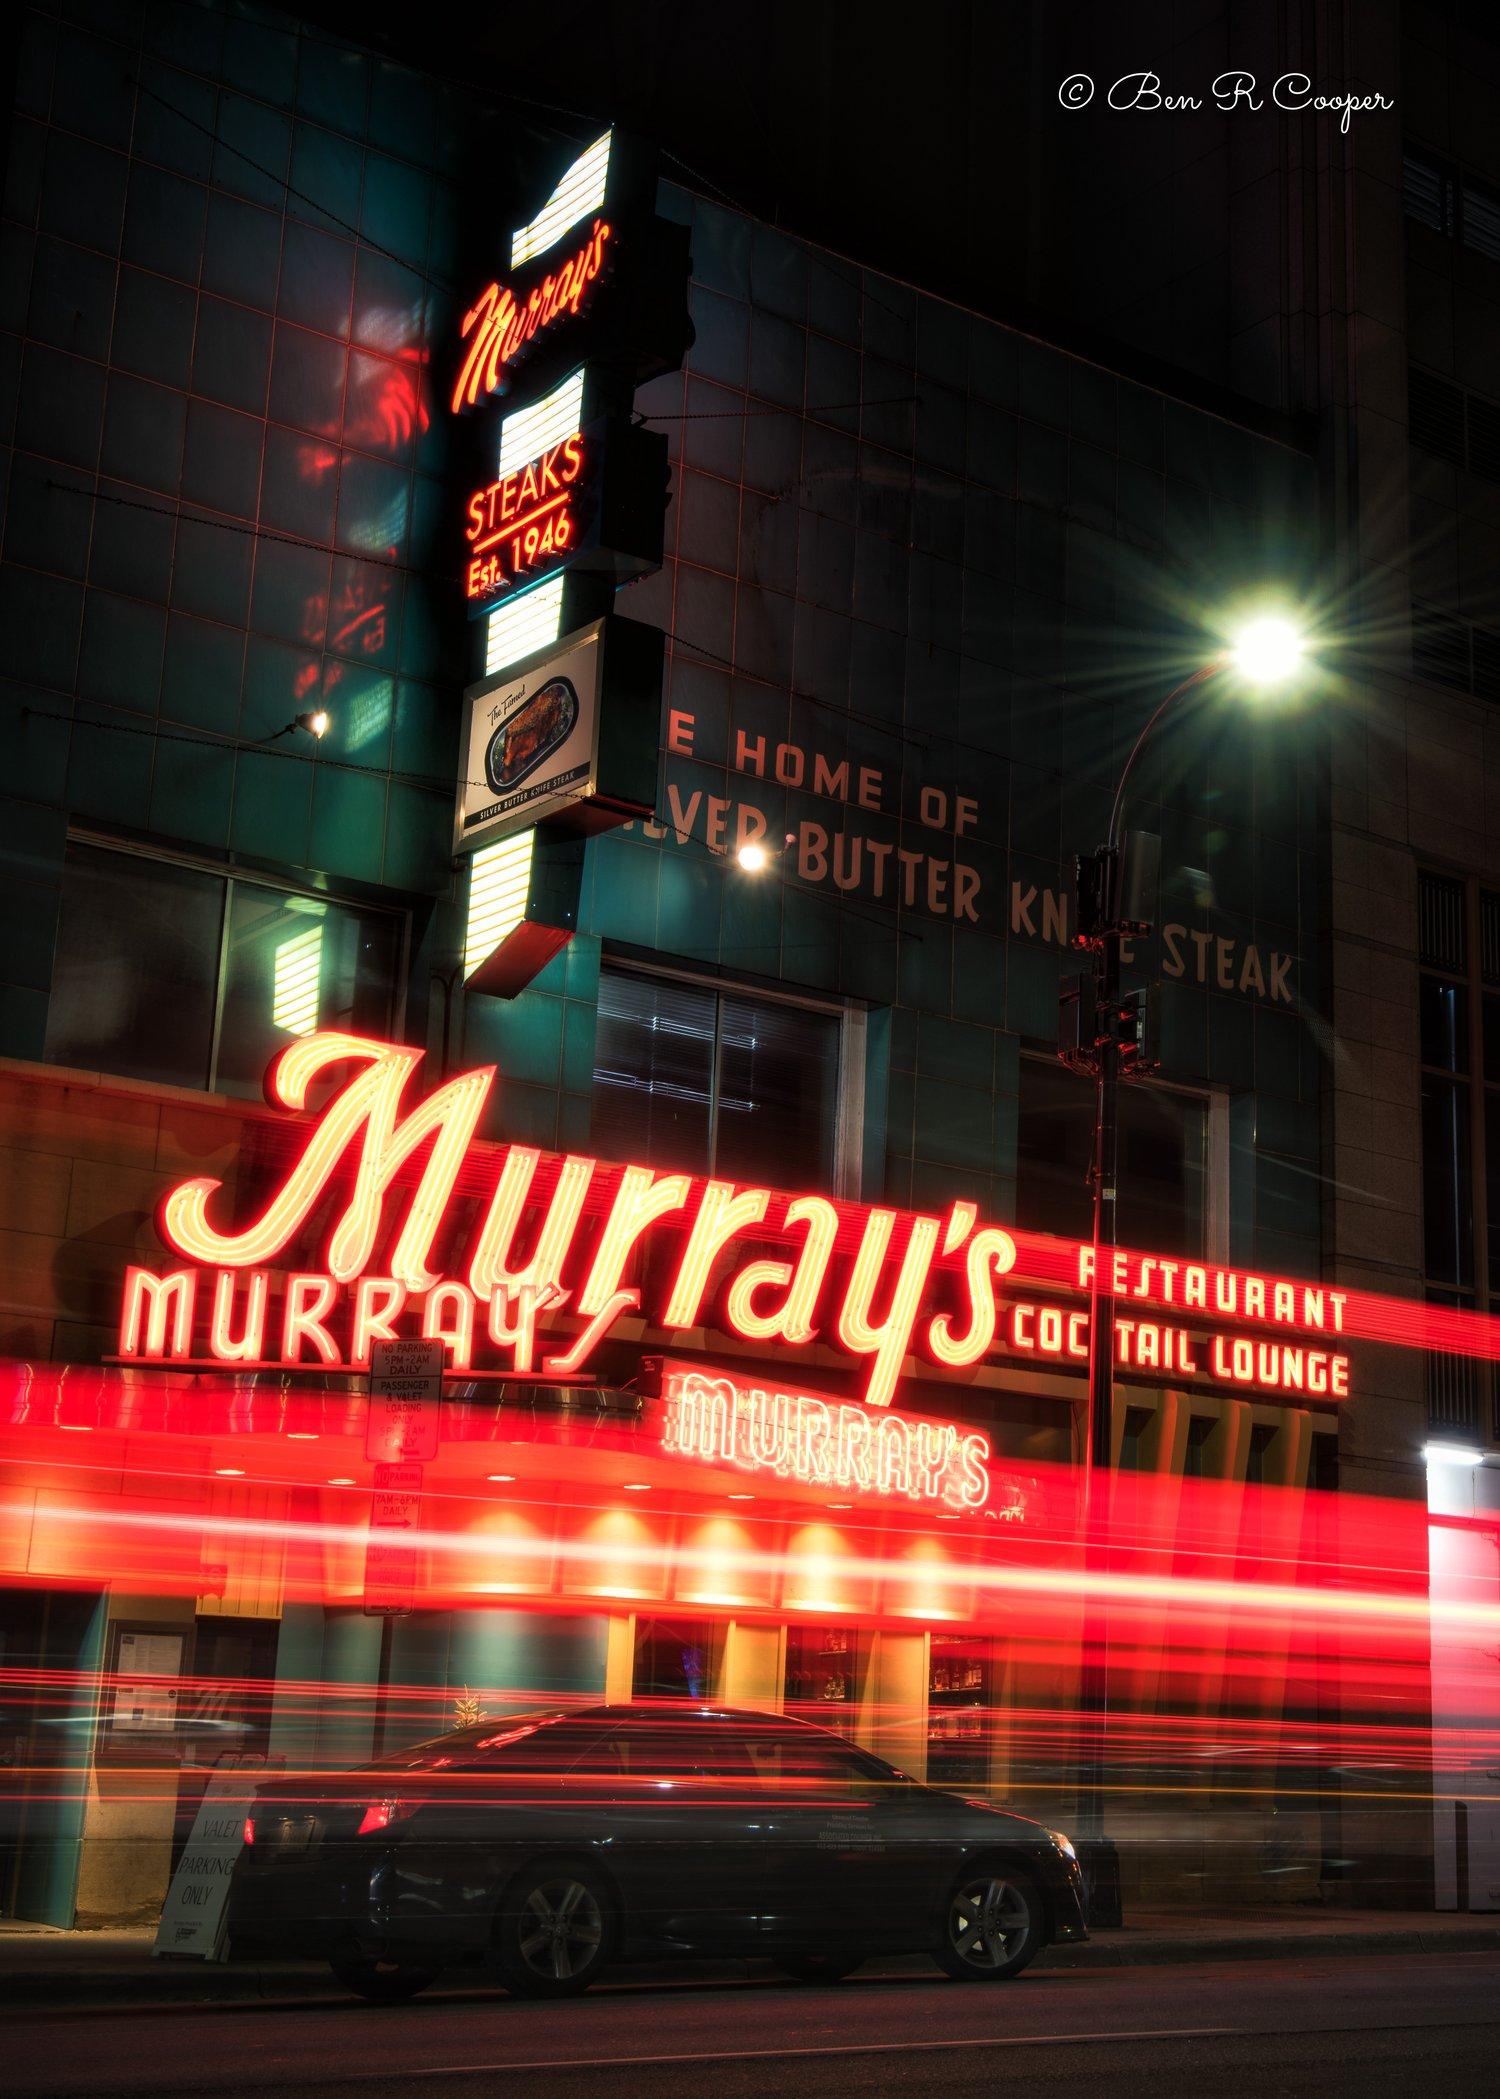 Friday night at Murray's